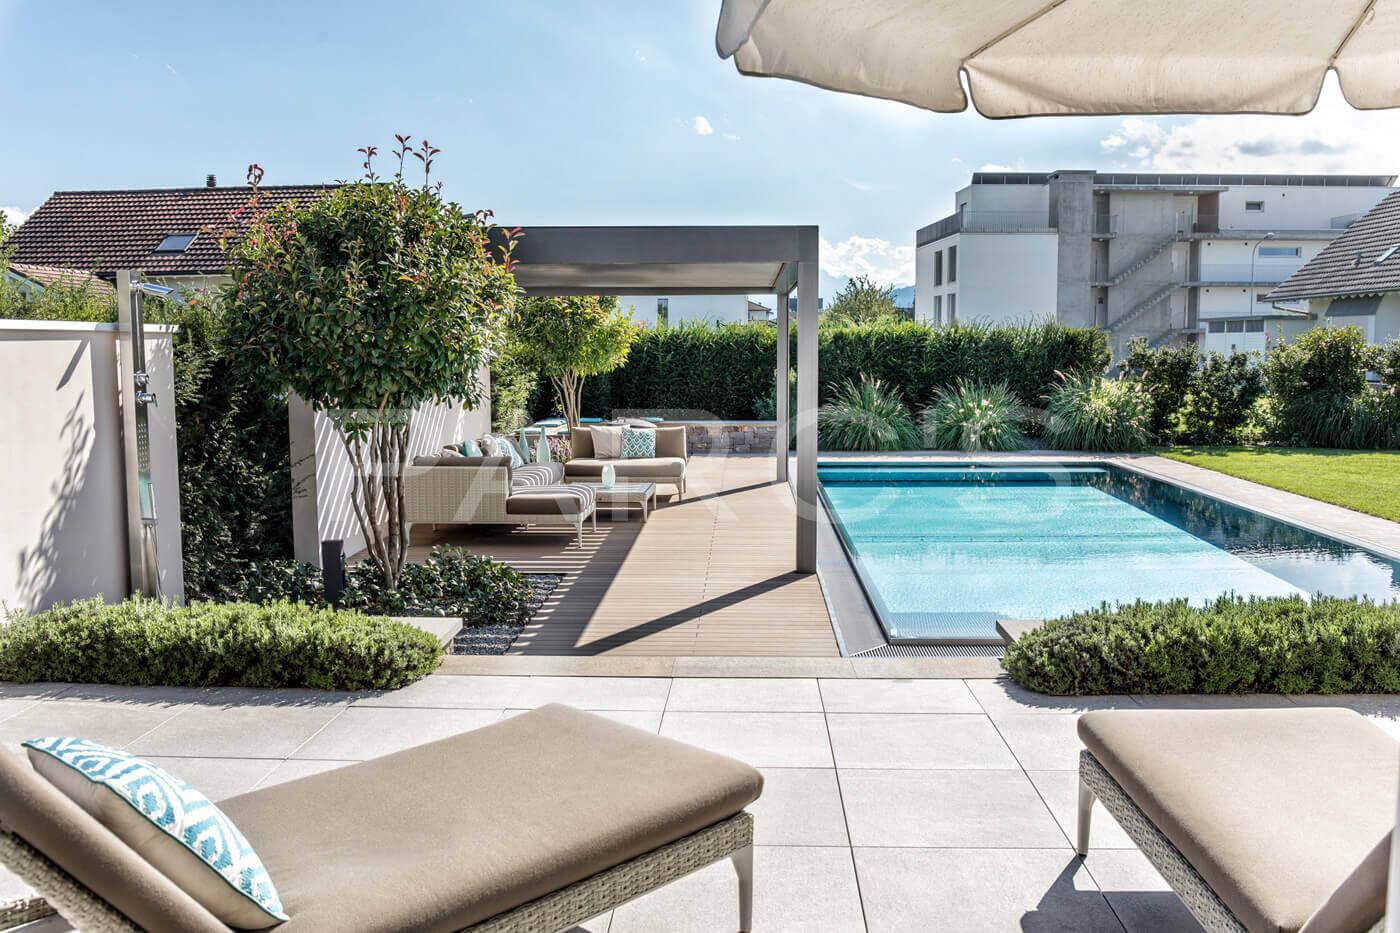 Garten Mit Pool – Zuhause Image Idee